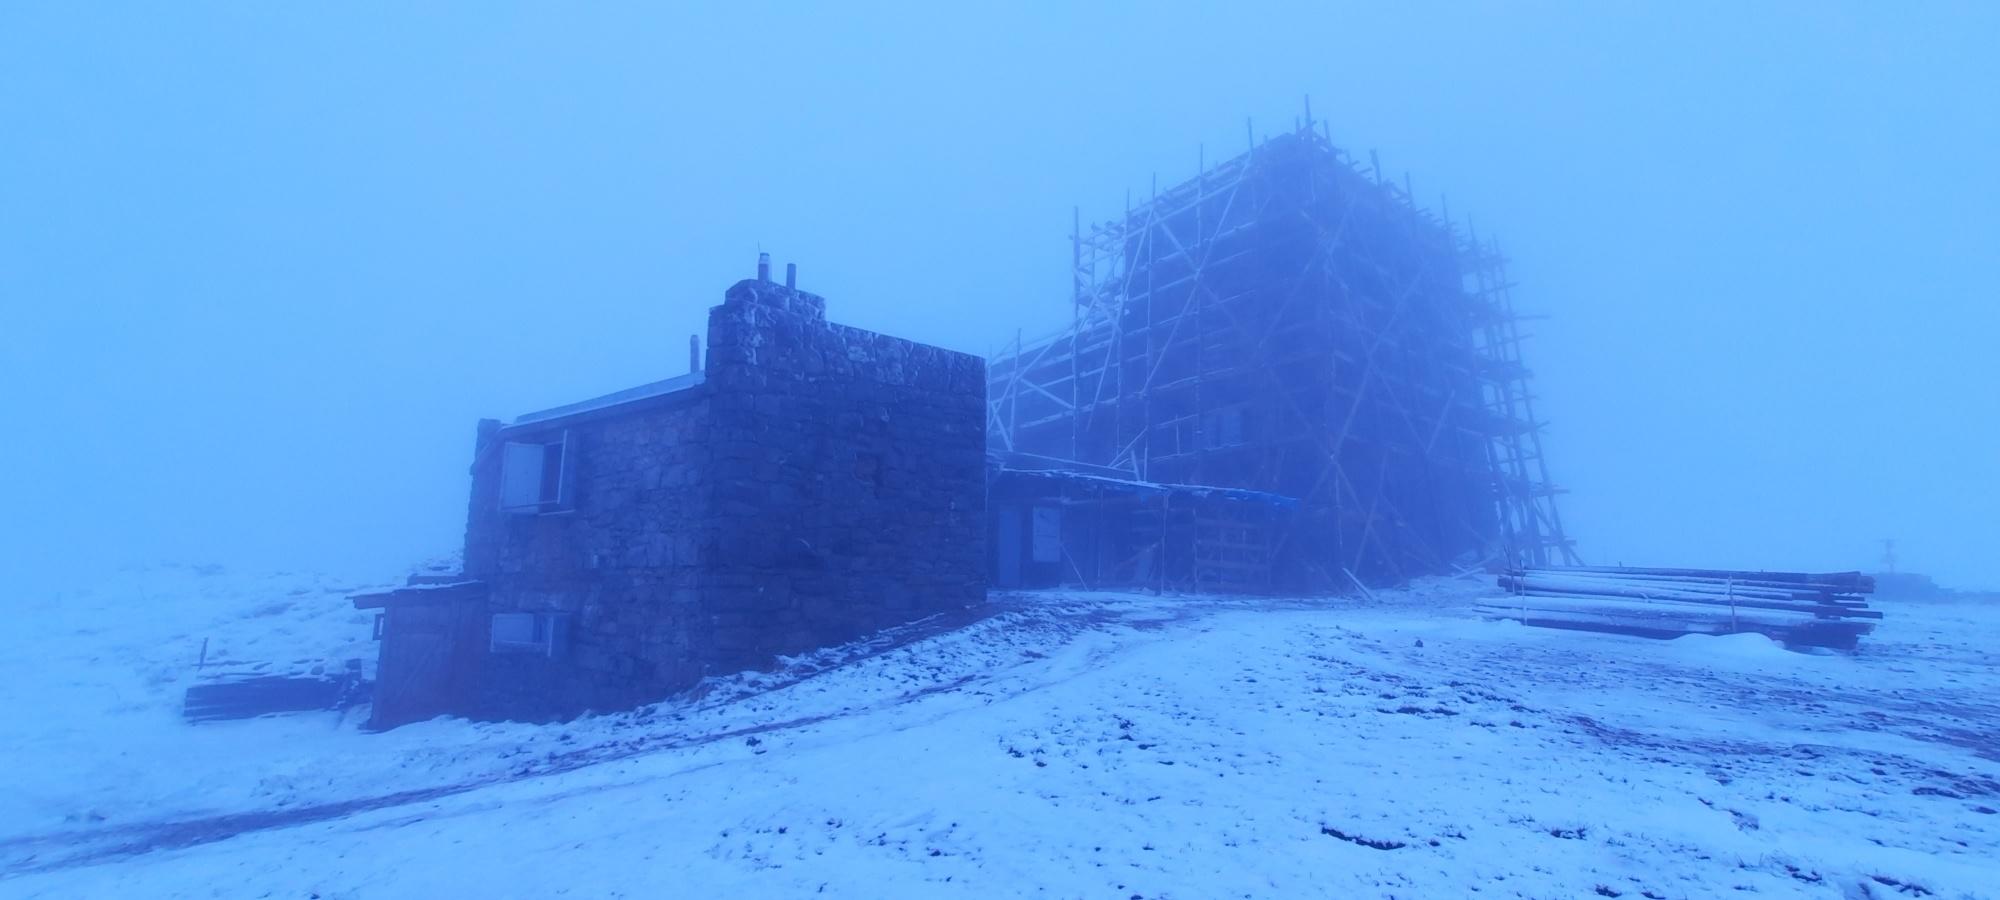 Аномальная погода: Карпаты замело снегом (ФОТО) - фото №1